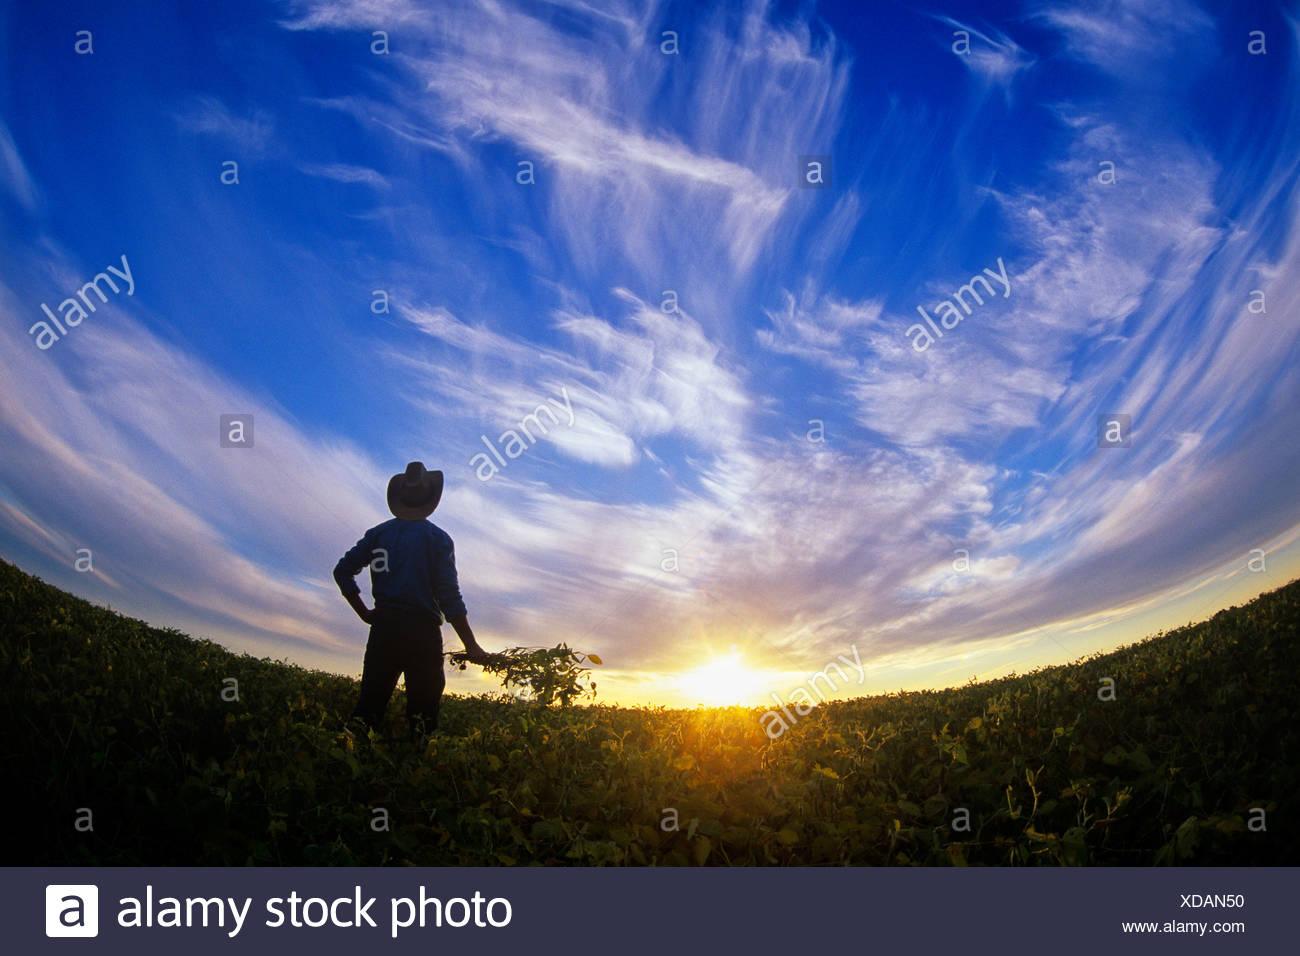 Un agriculteur donne sur sa récolte de soja venant à échéance au coucher du soleil près de Lorette, Manitoba, Canada Photo Stock